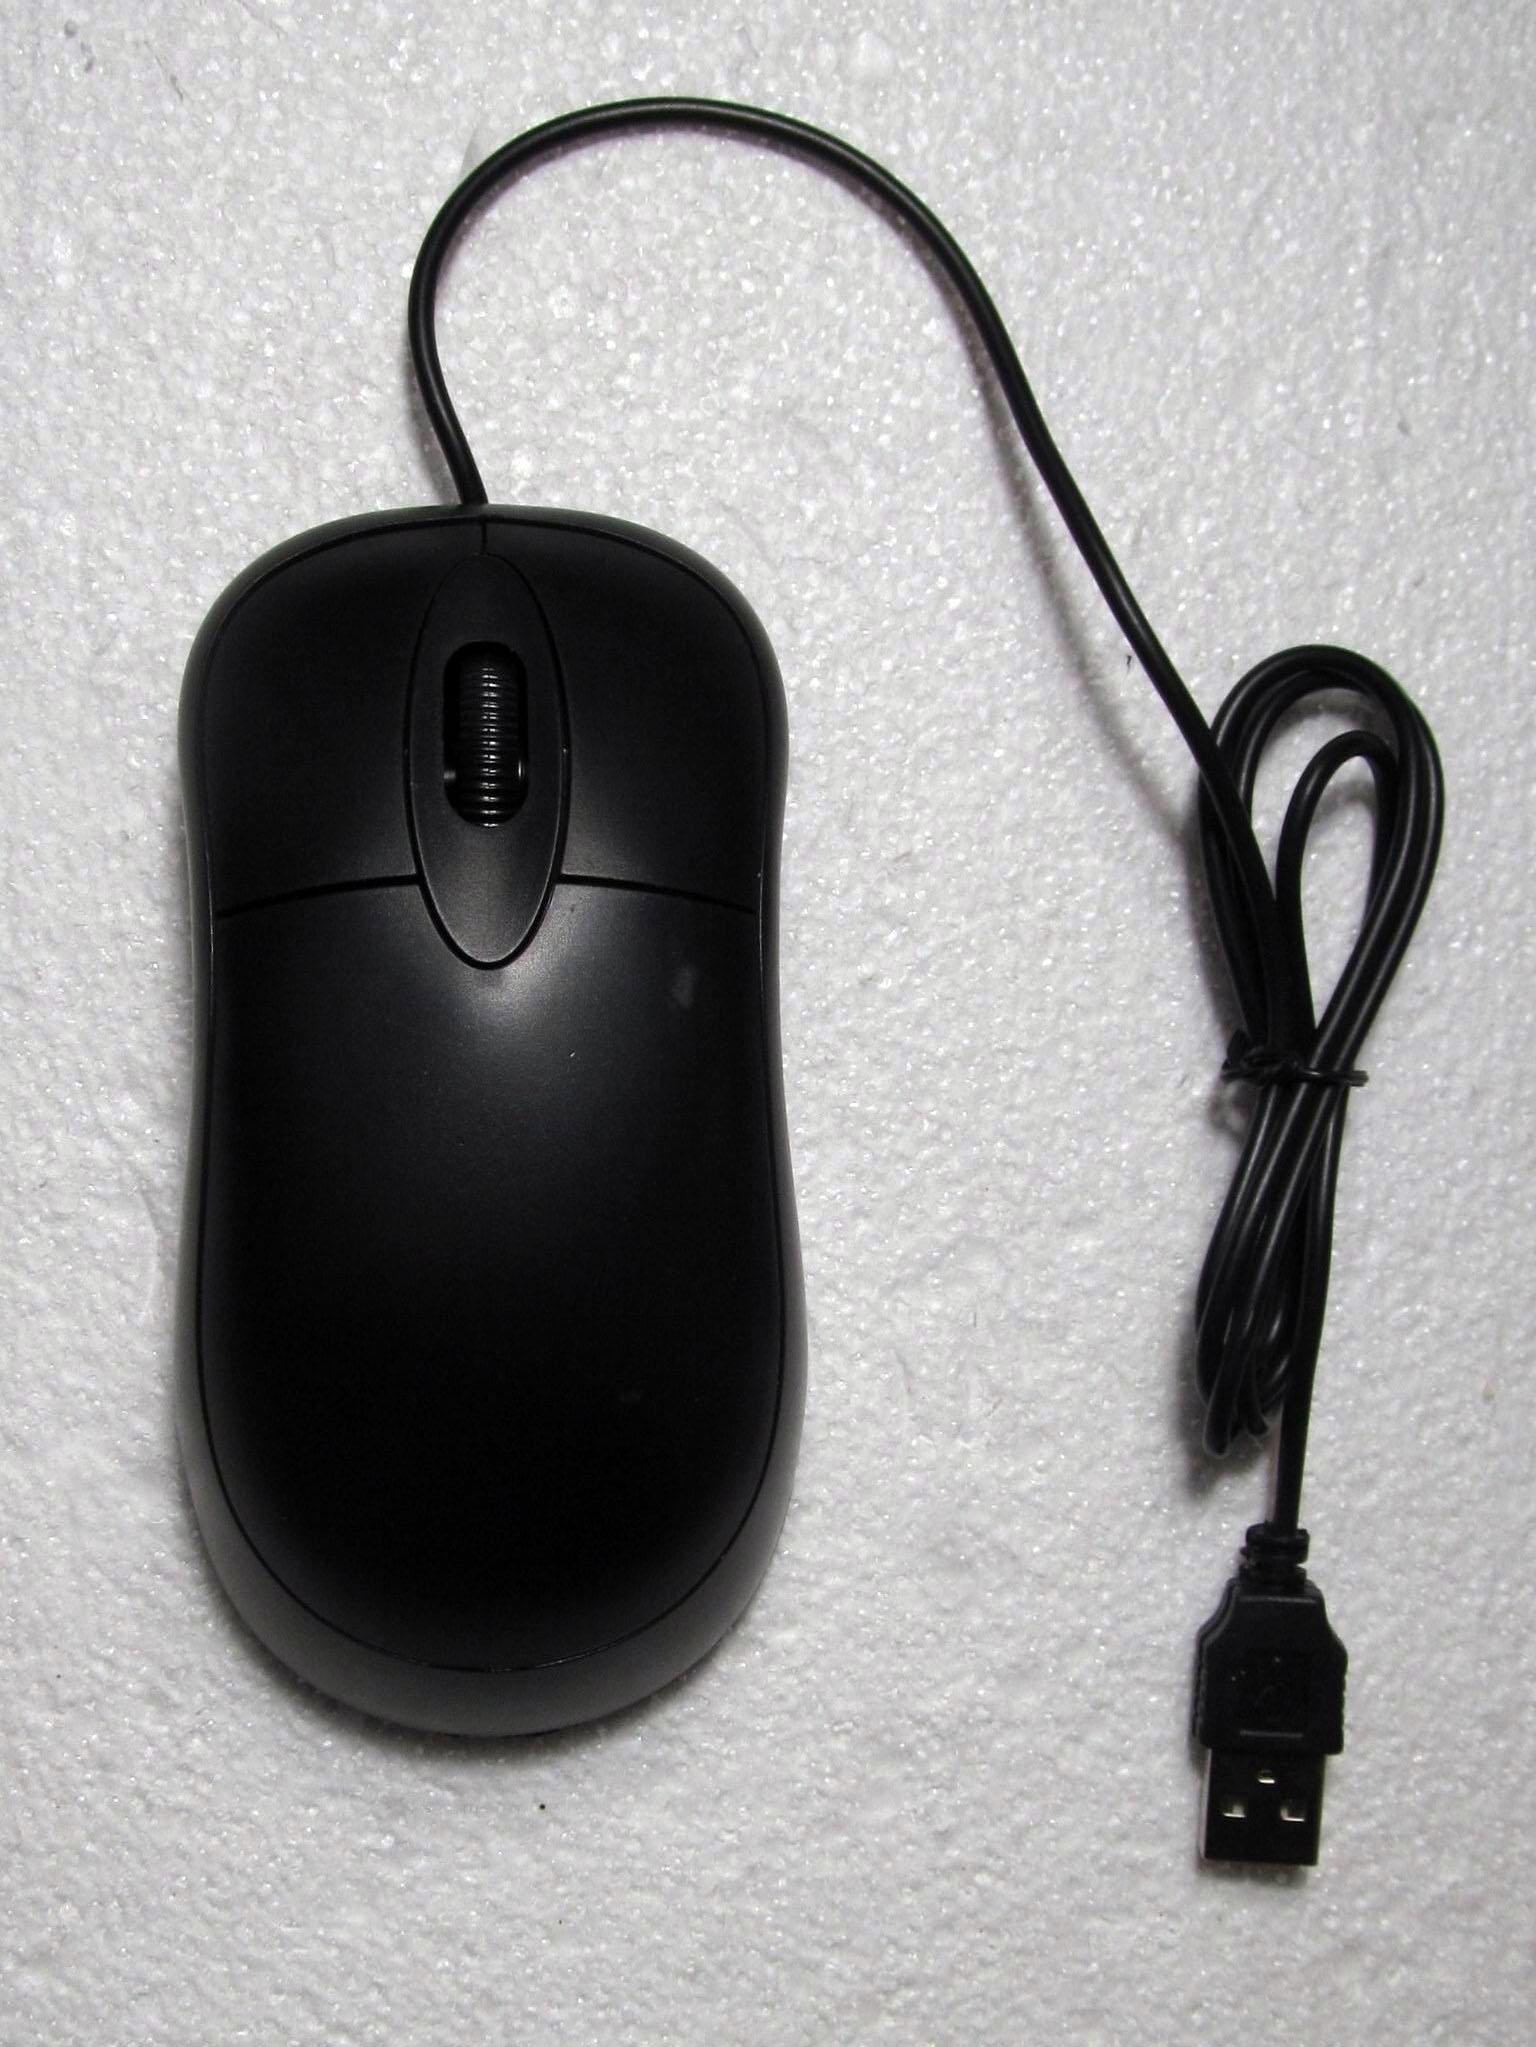 дешевая мышка